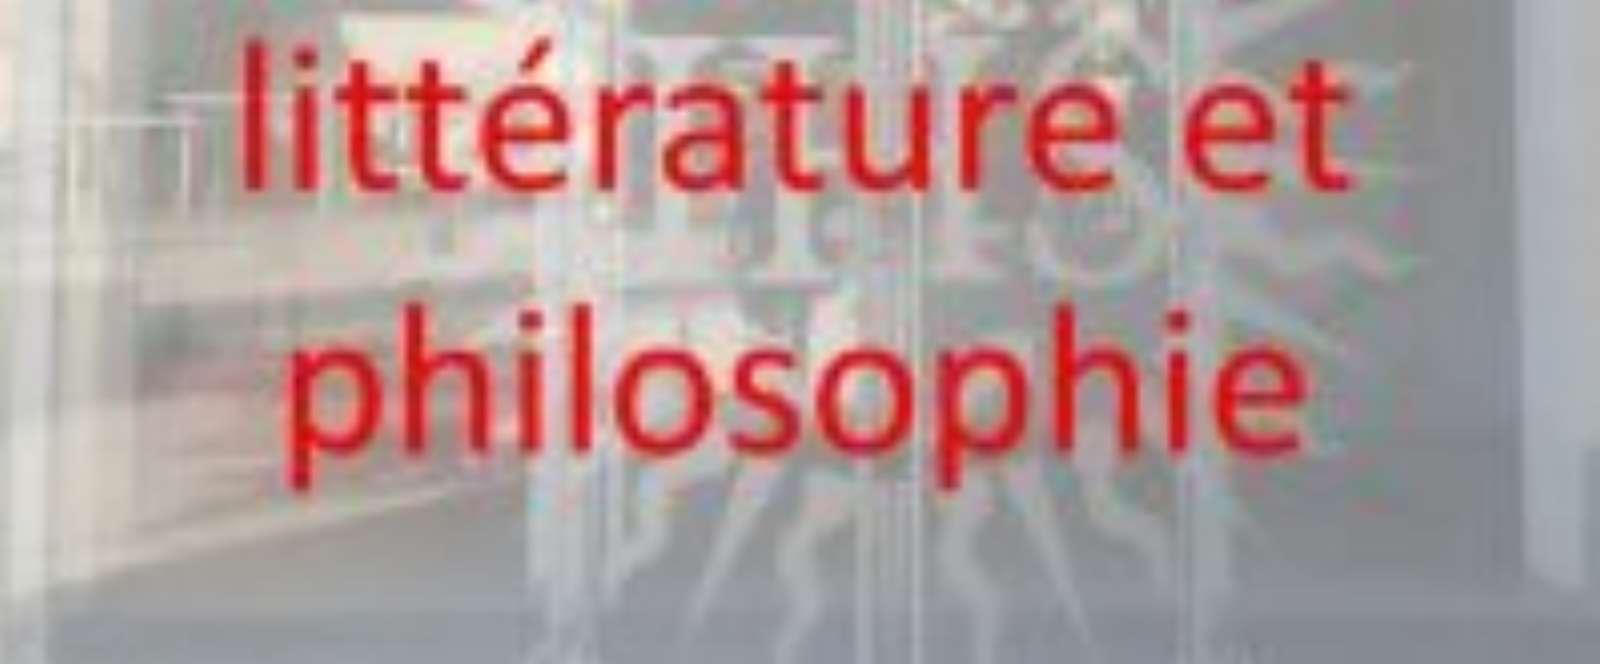 Littérature-Classique-philosophie